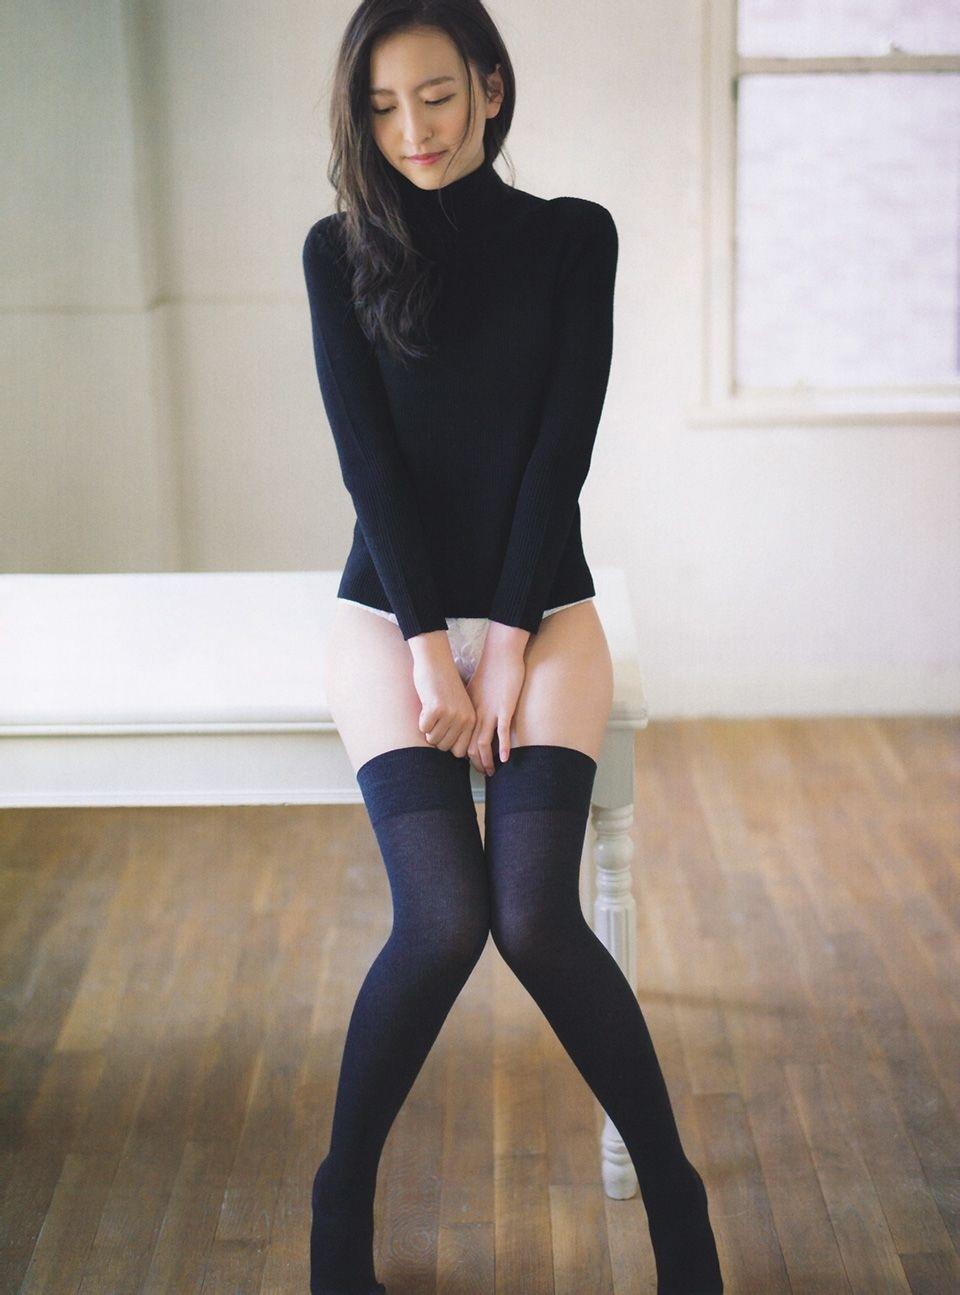 ニーハイ娘1